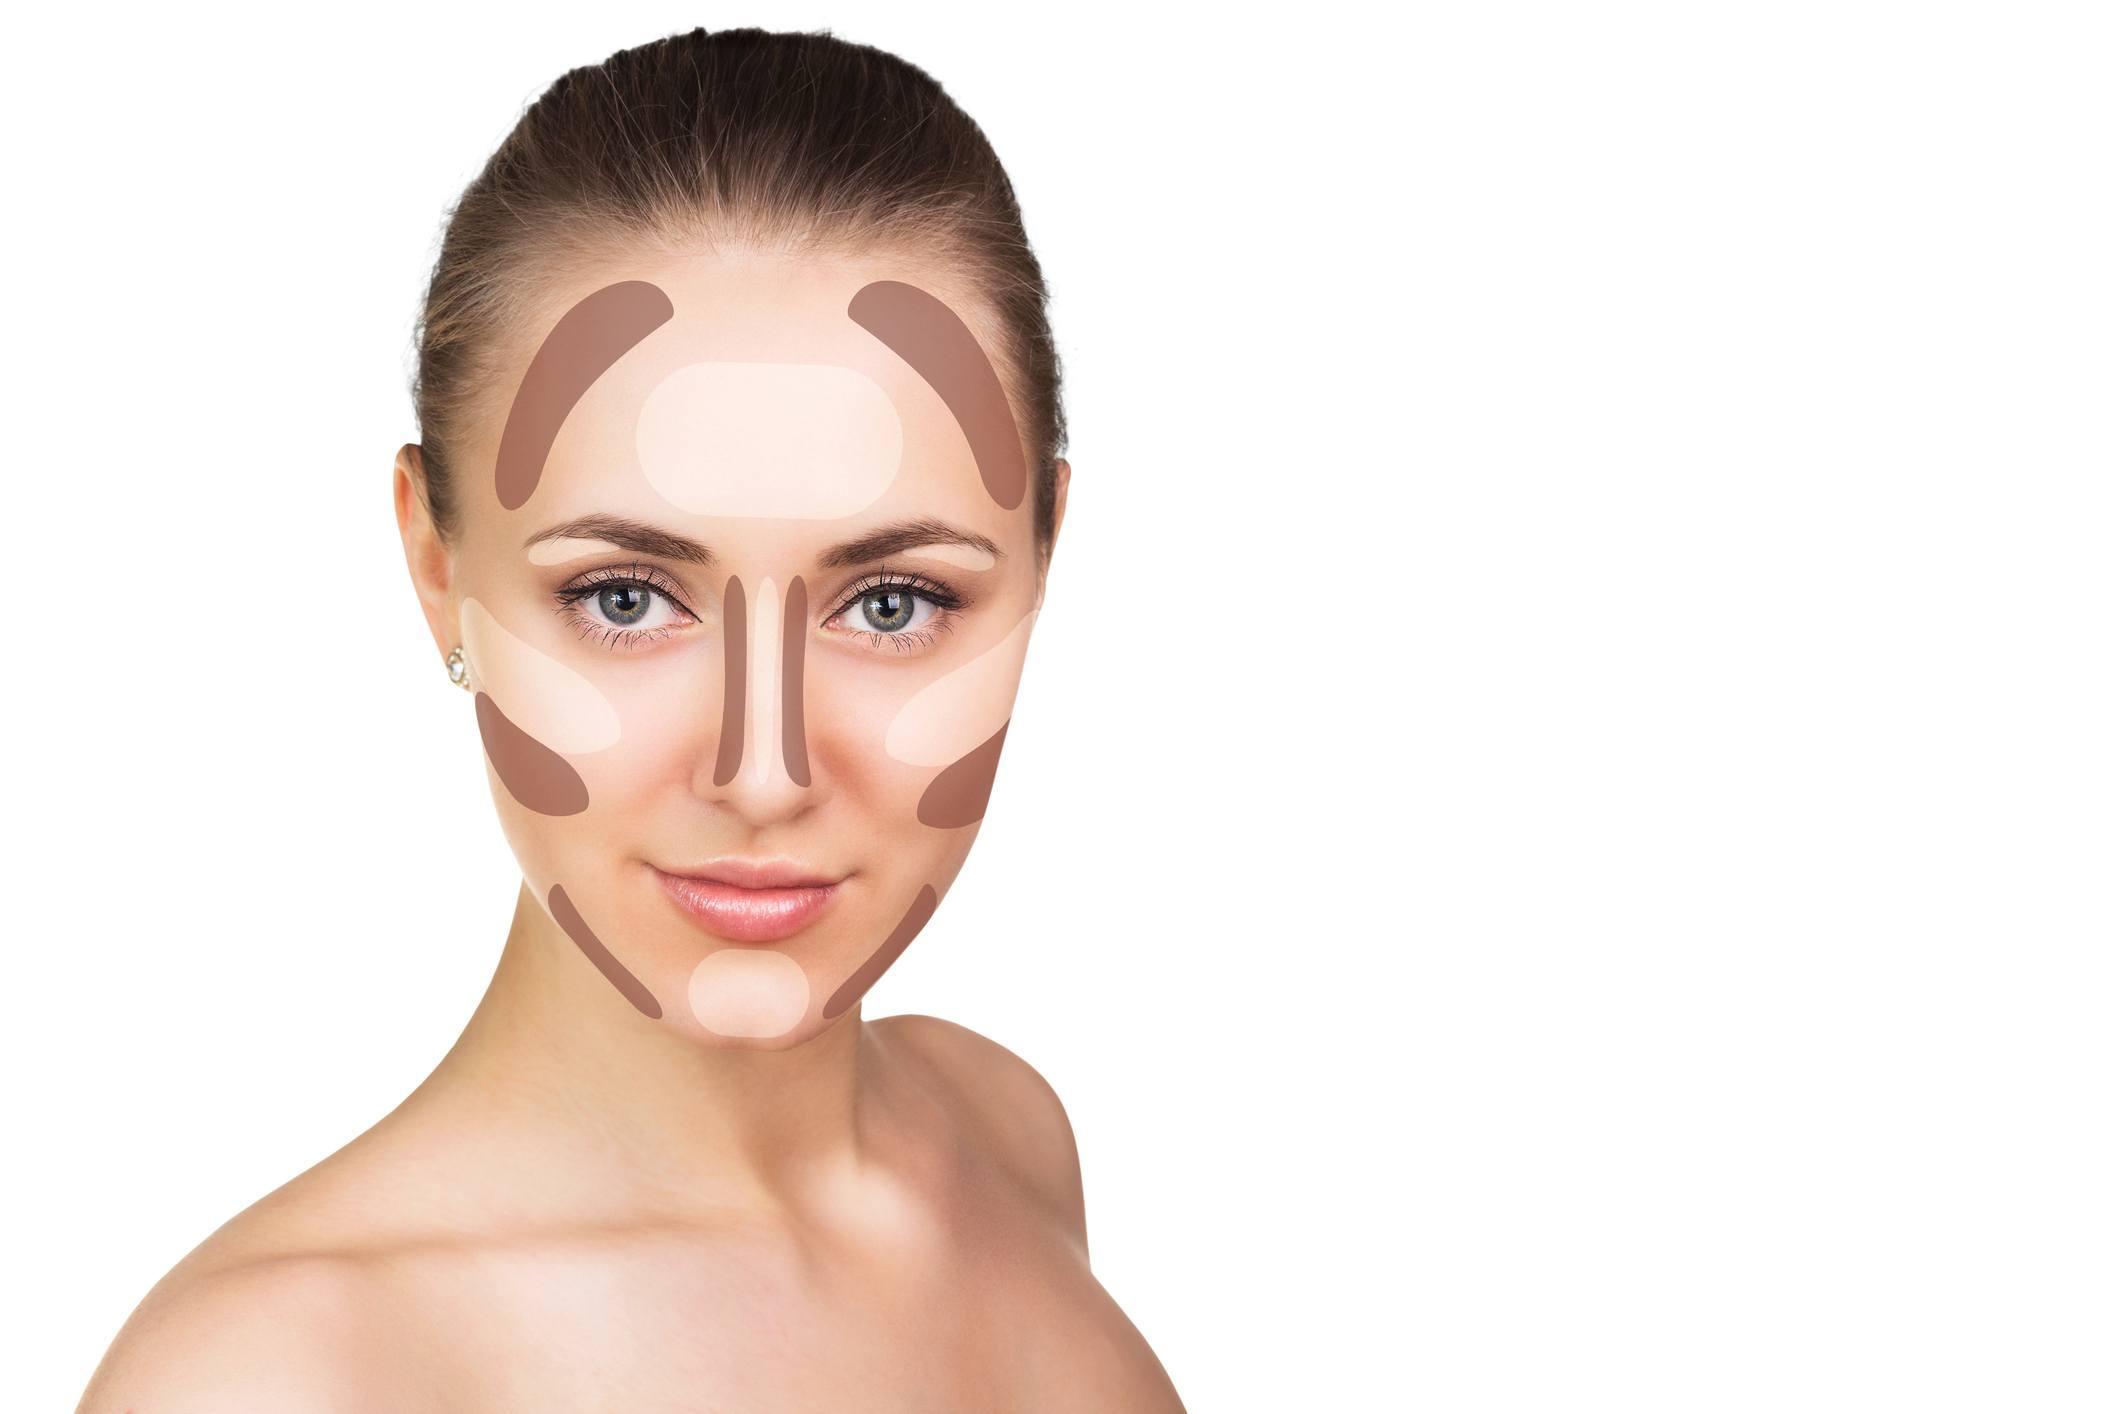 Contour and highlight makeup